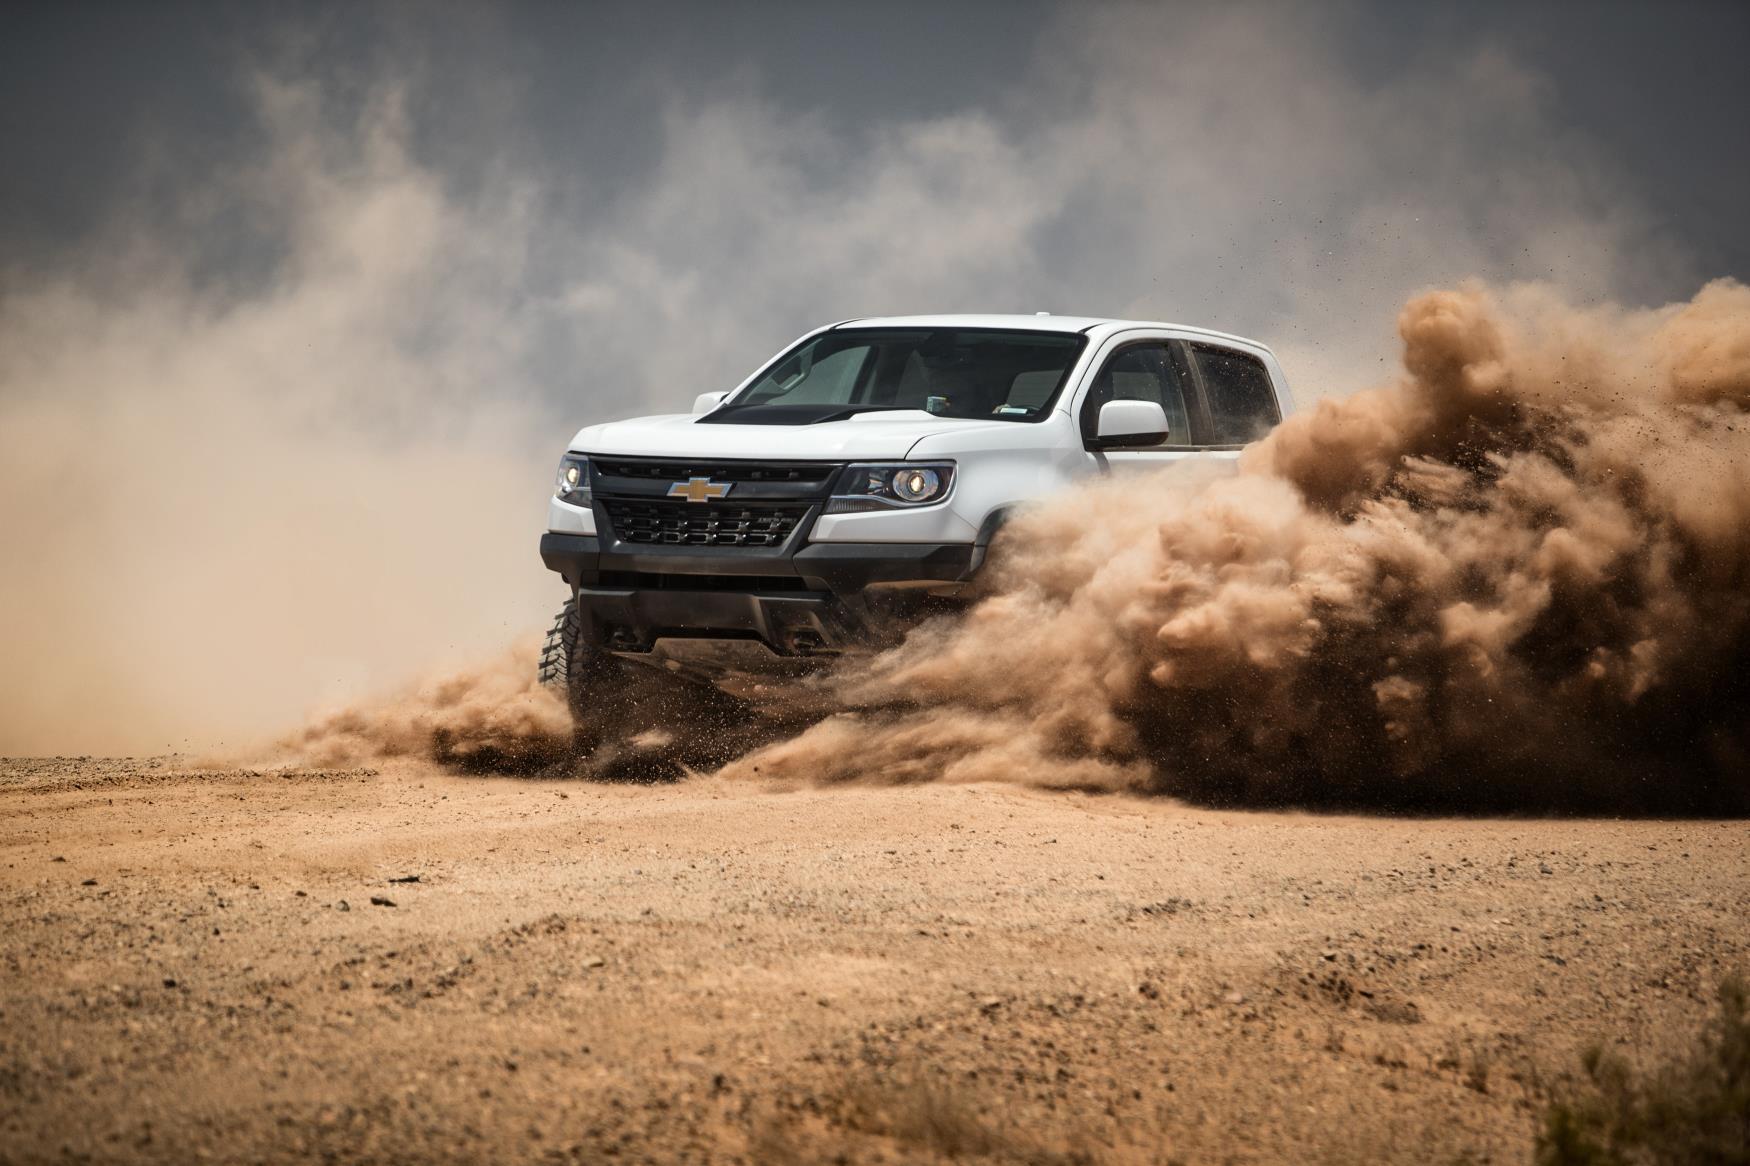 2017 Chevy Colorado Zr2 >> Chevy Colorado ZR2 AEV and ZR2 Race Development Trucks Debut at SEMA - autoevolution